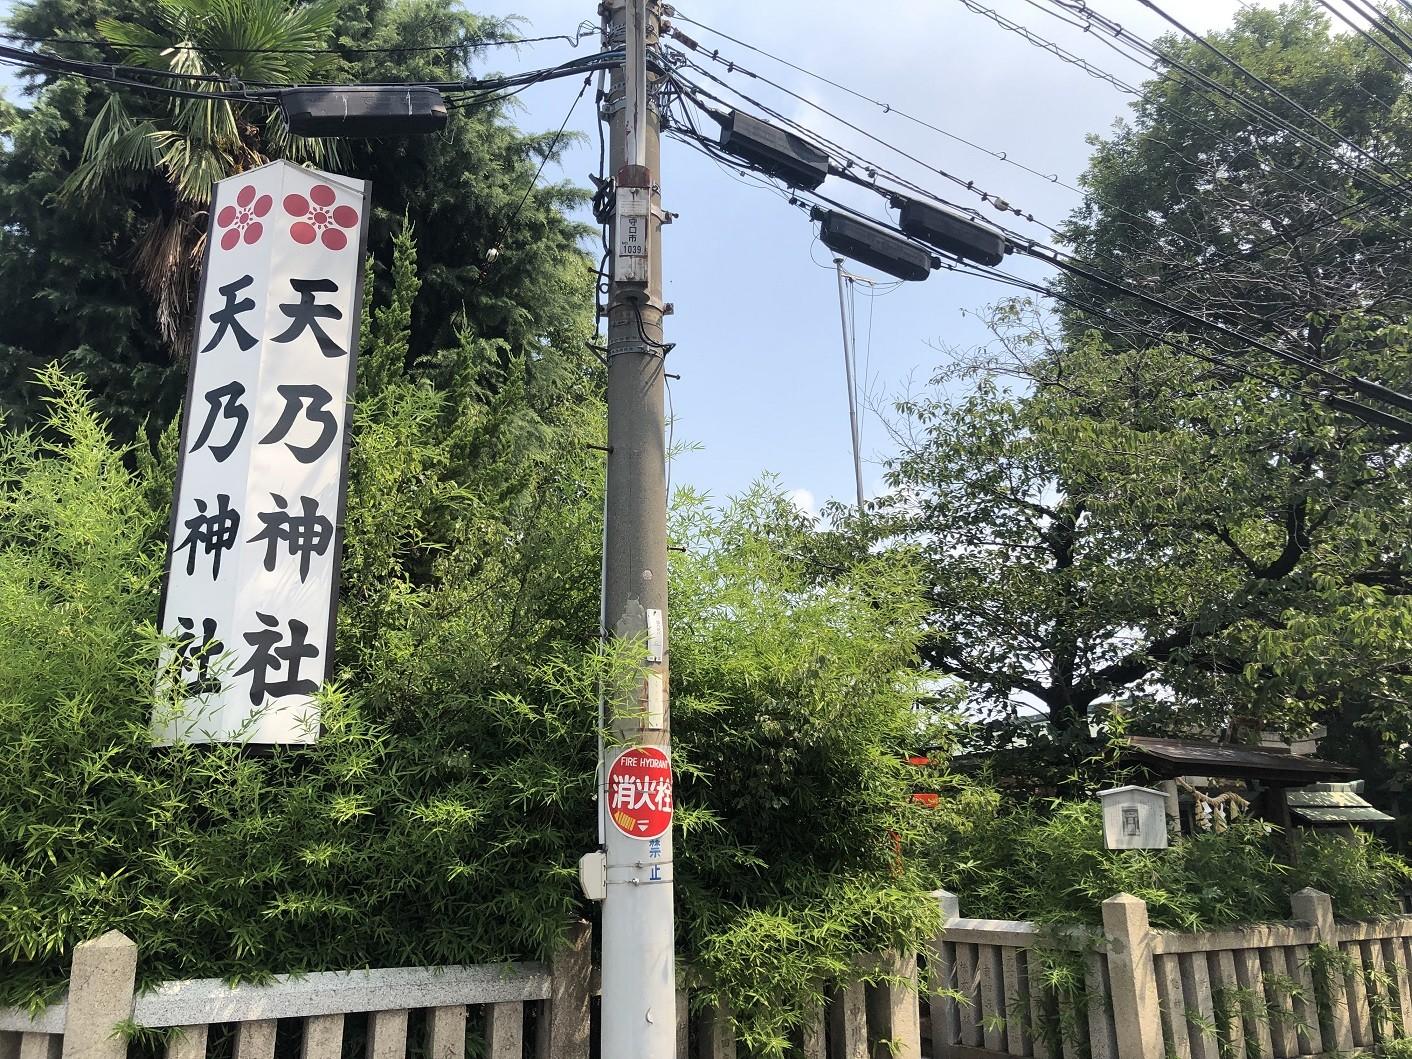 【大阪守口天乃神社】道開き芸能神社で道しるべのご利益